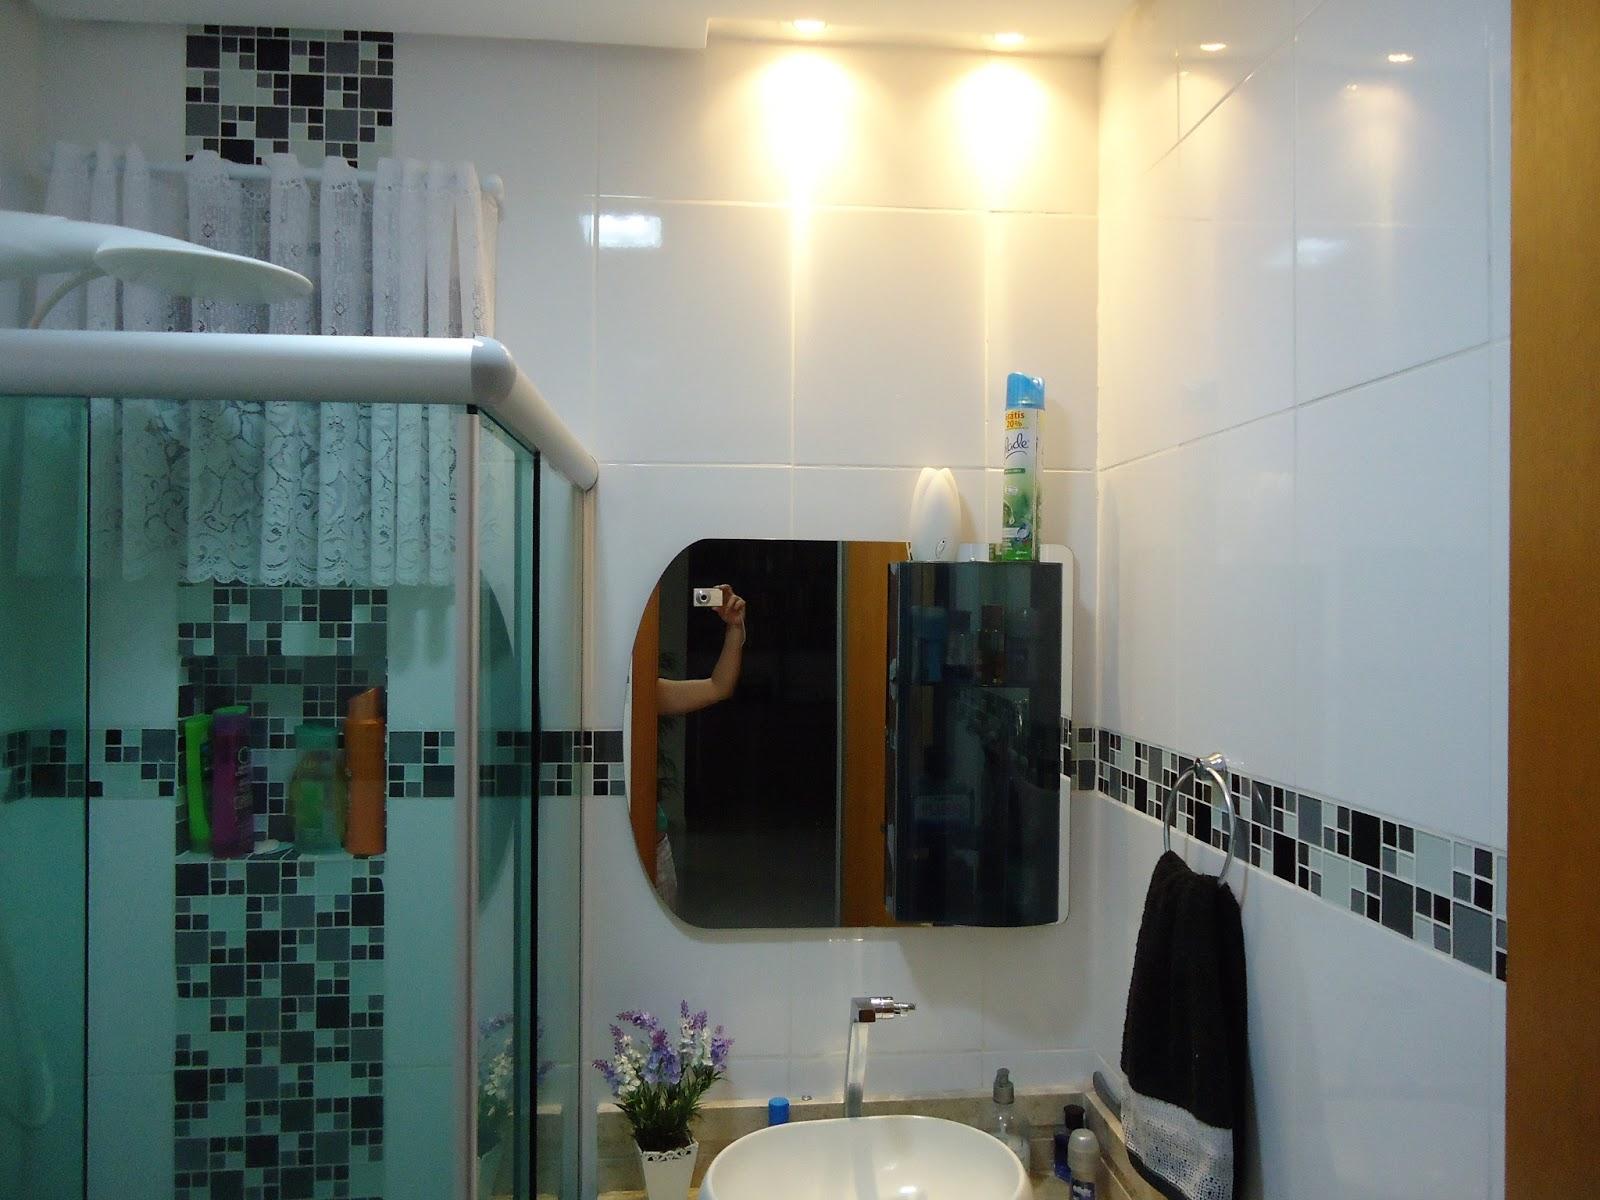 #623B12 Realizando a Reforma: O Antes e o depois de um pequeno banheiro  1600x1200 px Banheiro Pequeno Antes E Depois 2427